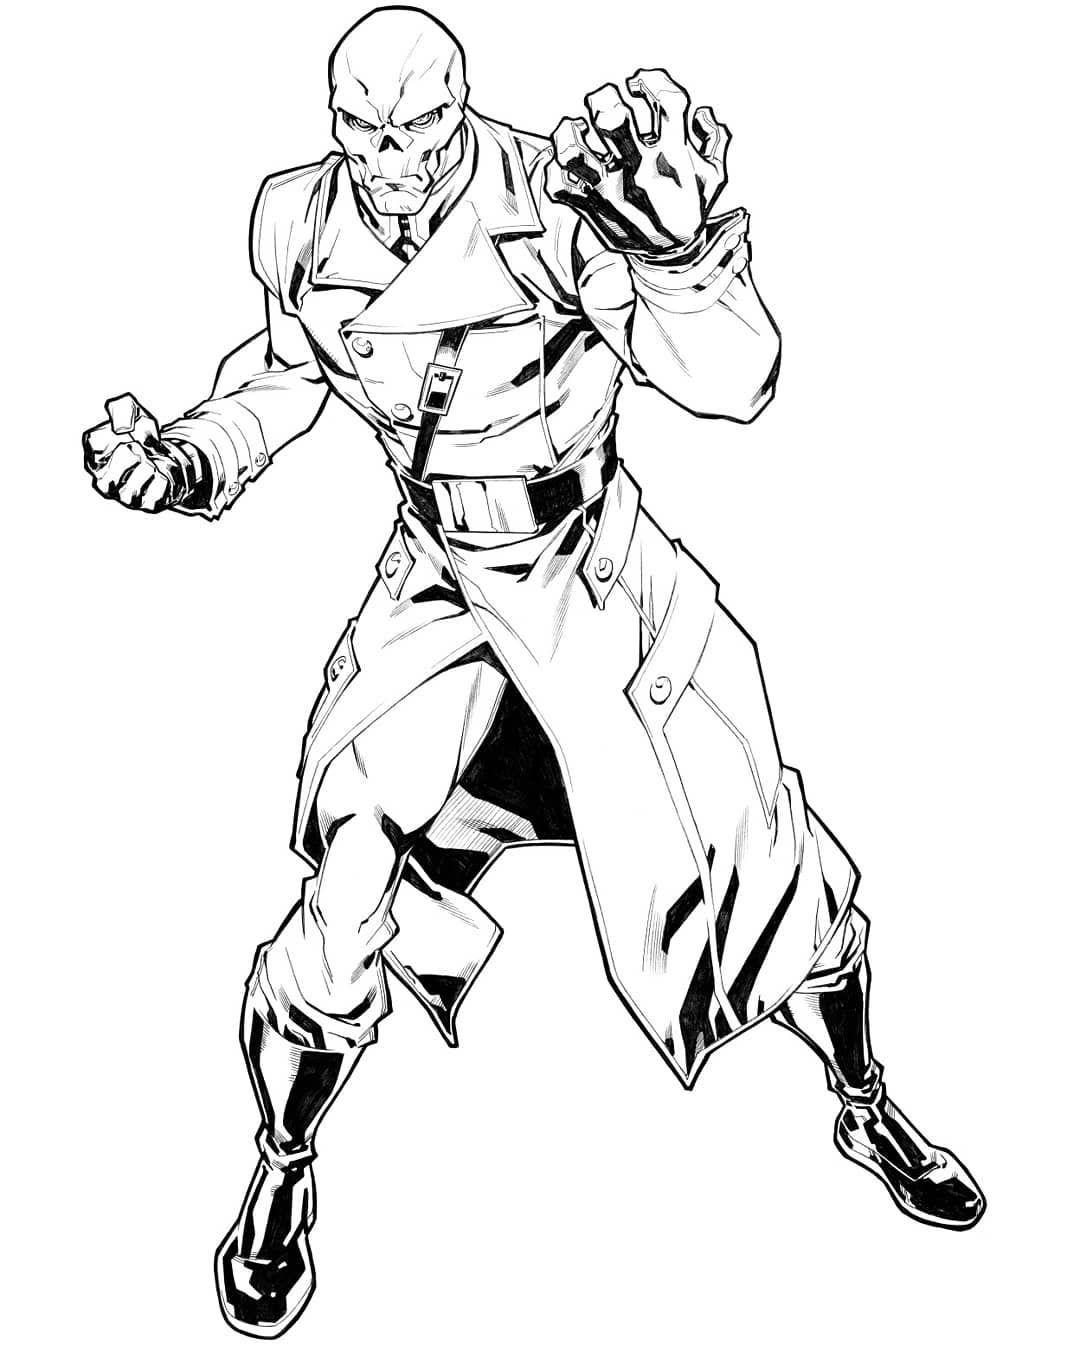 Red Skull Marvel Style Guide Let S Go Classic Villain Redskull Thor Antman Elektra Hulk Ironman Falco Red Skull Marvel Marvel Drawings Skulls Drawing